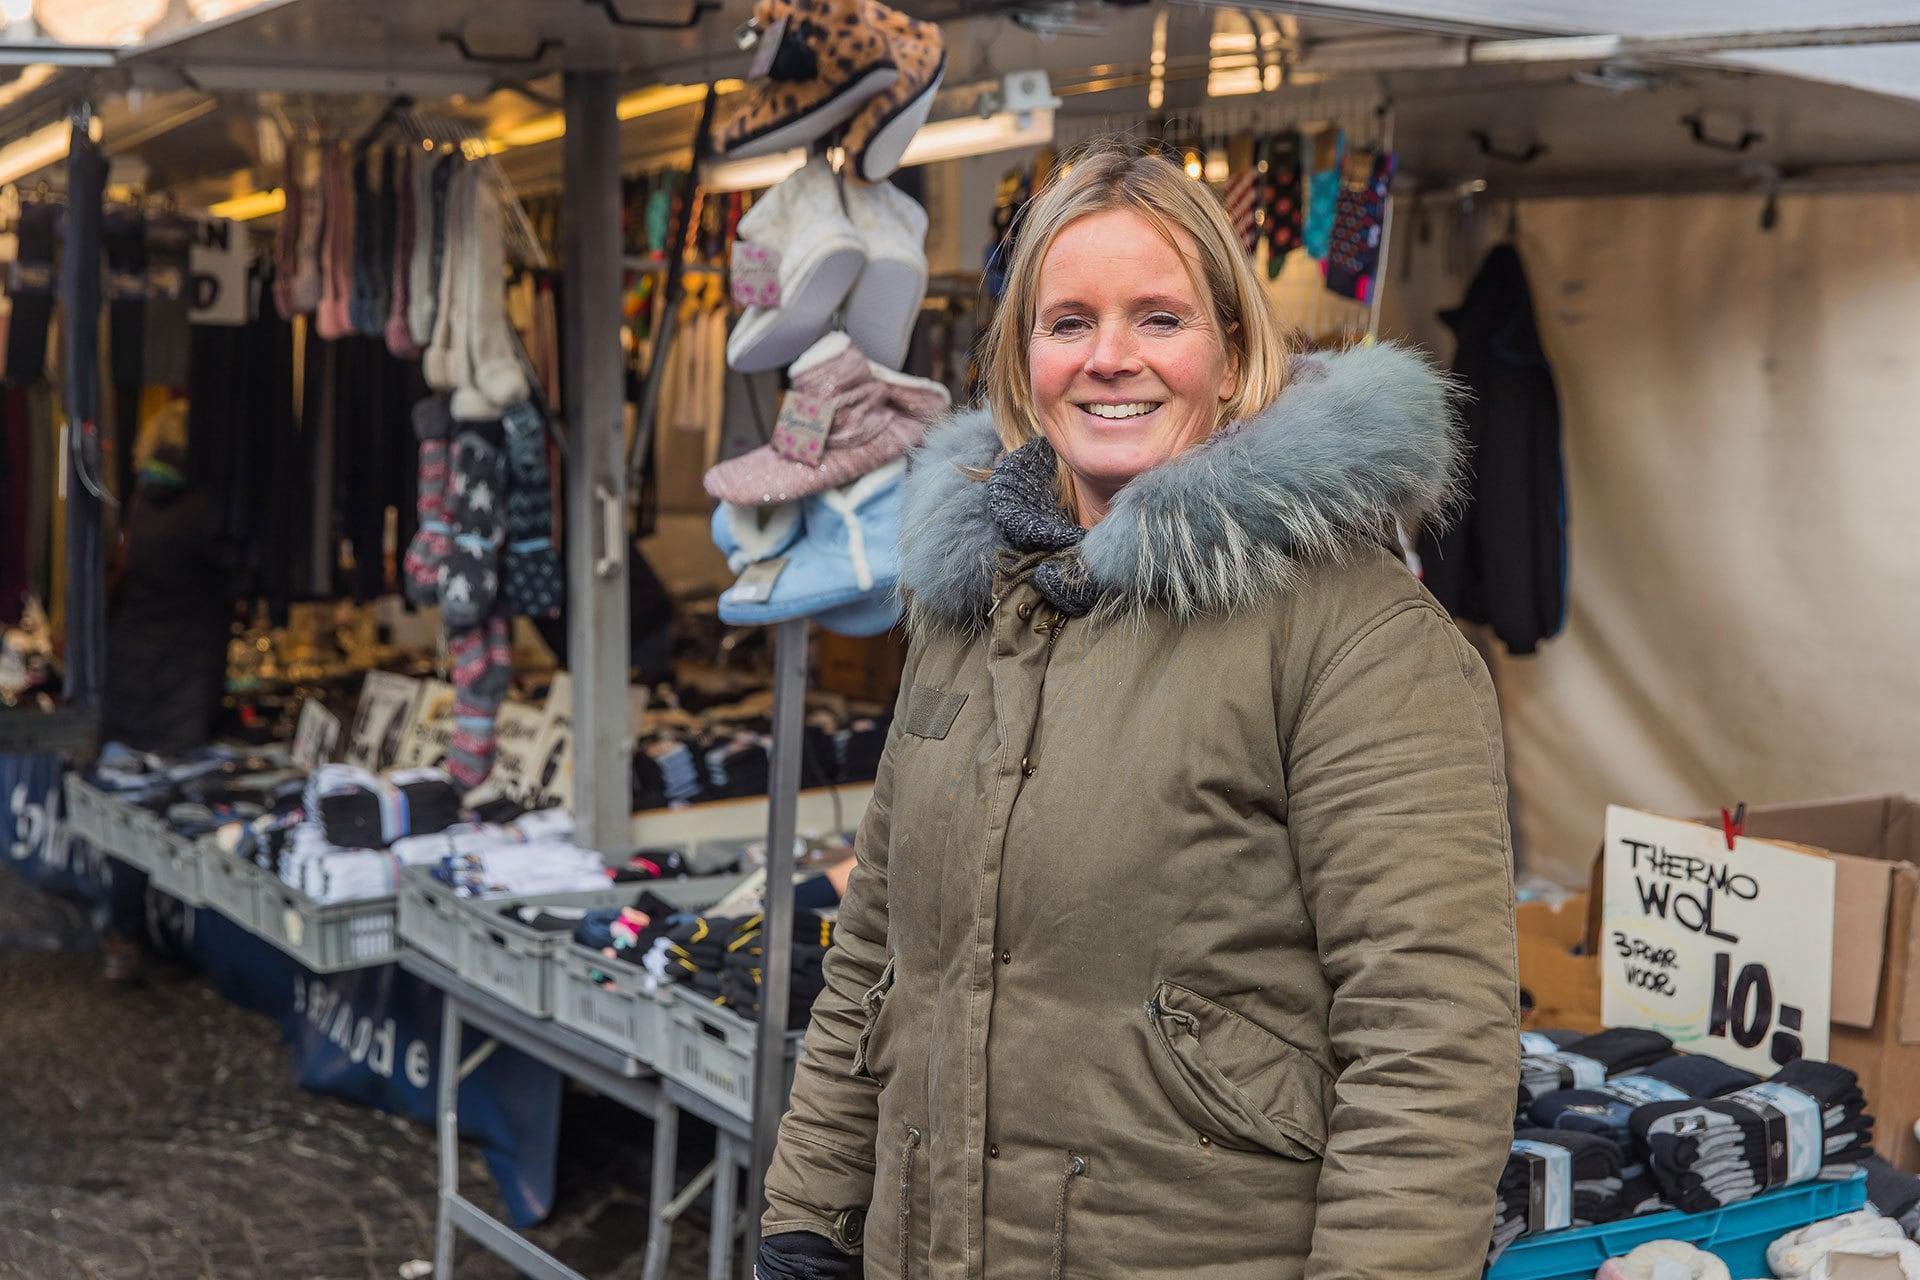 2019 12 Donderdagmarkt Sittard Interviews Klein 023